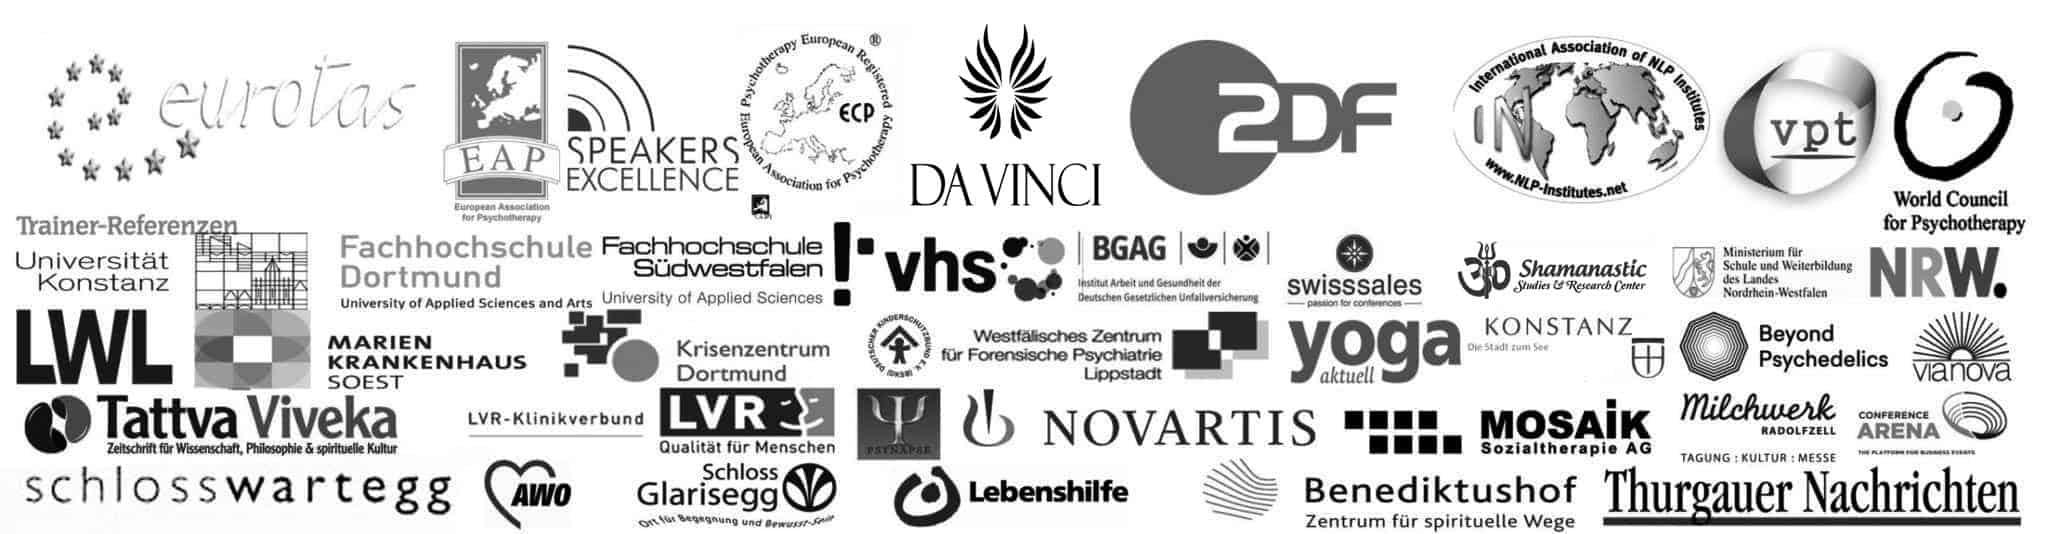 Dozenten-Referenzen & Zertifizierungen freiram-Institut